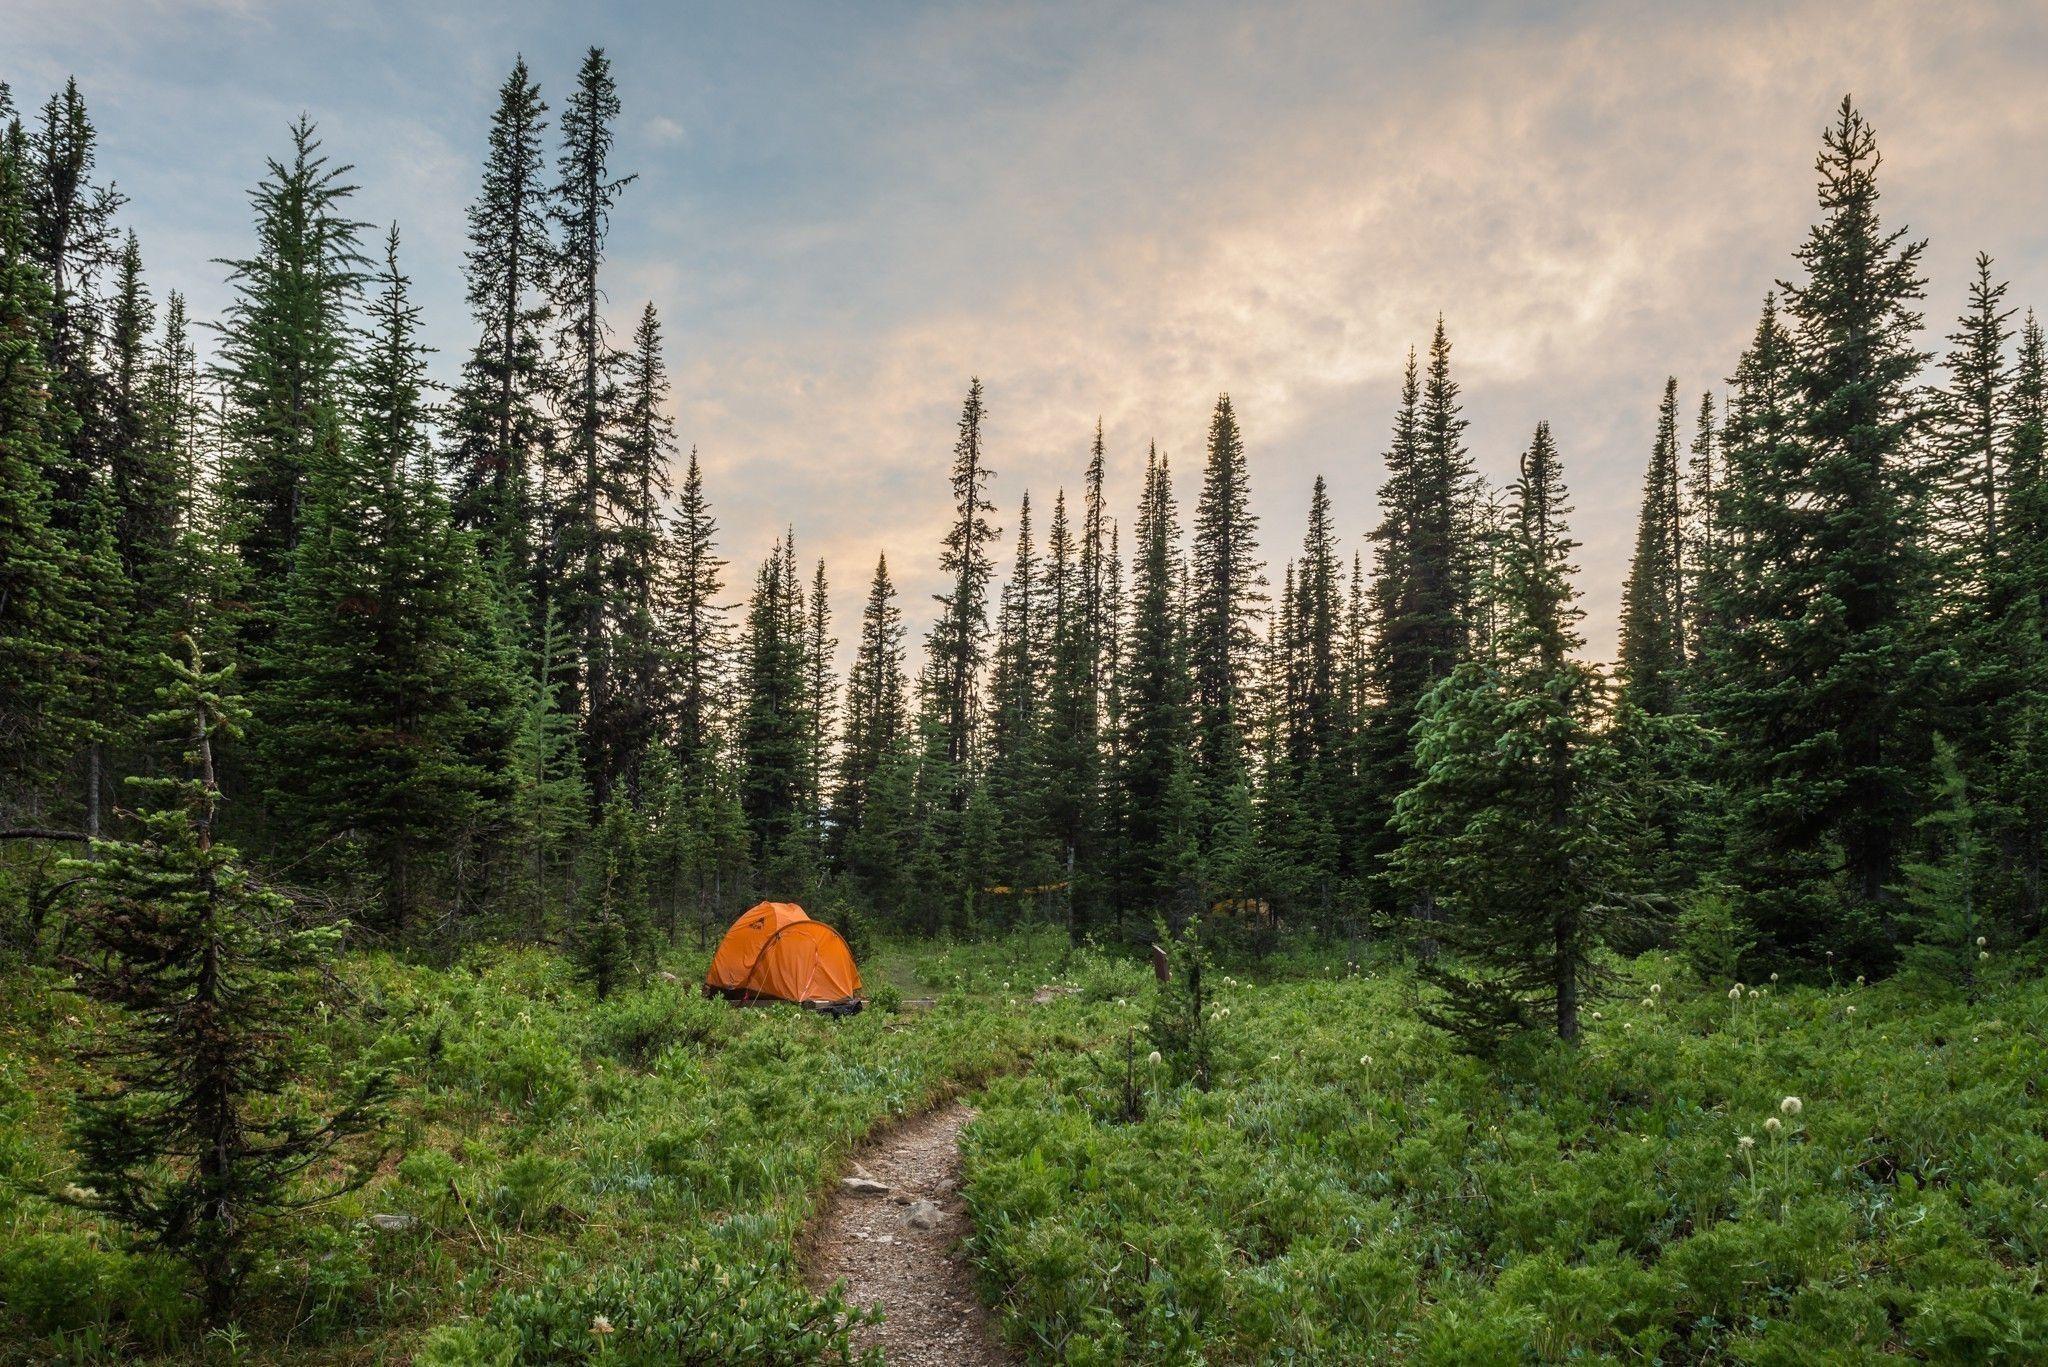 Camping Desktop Wallpaper (58+ images)